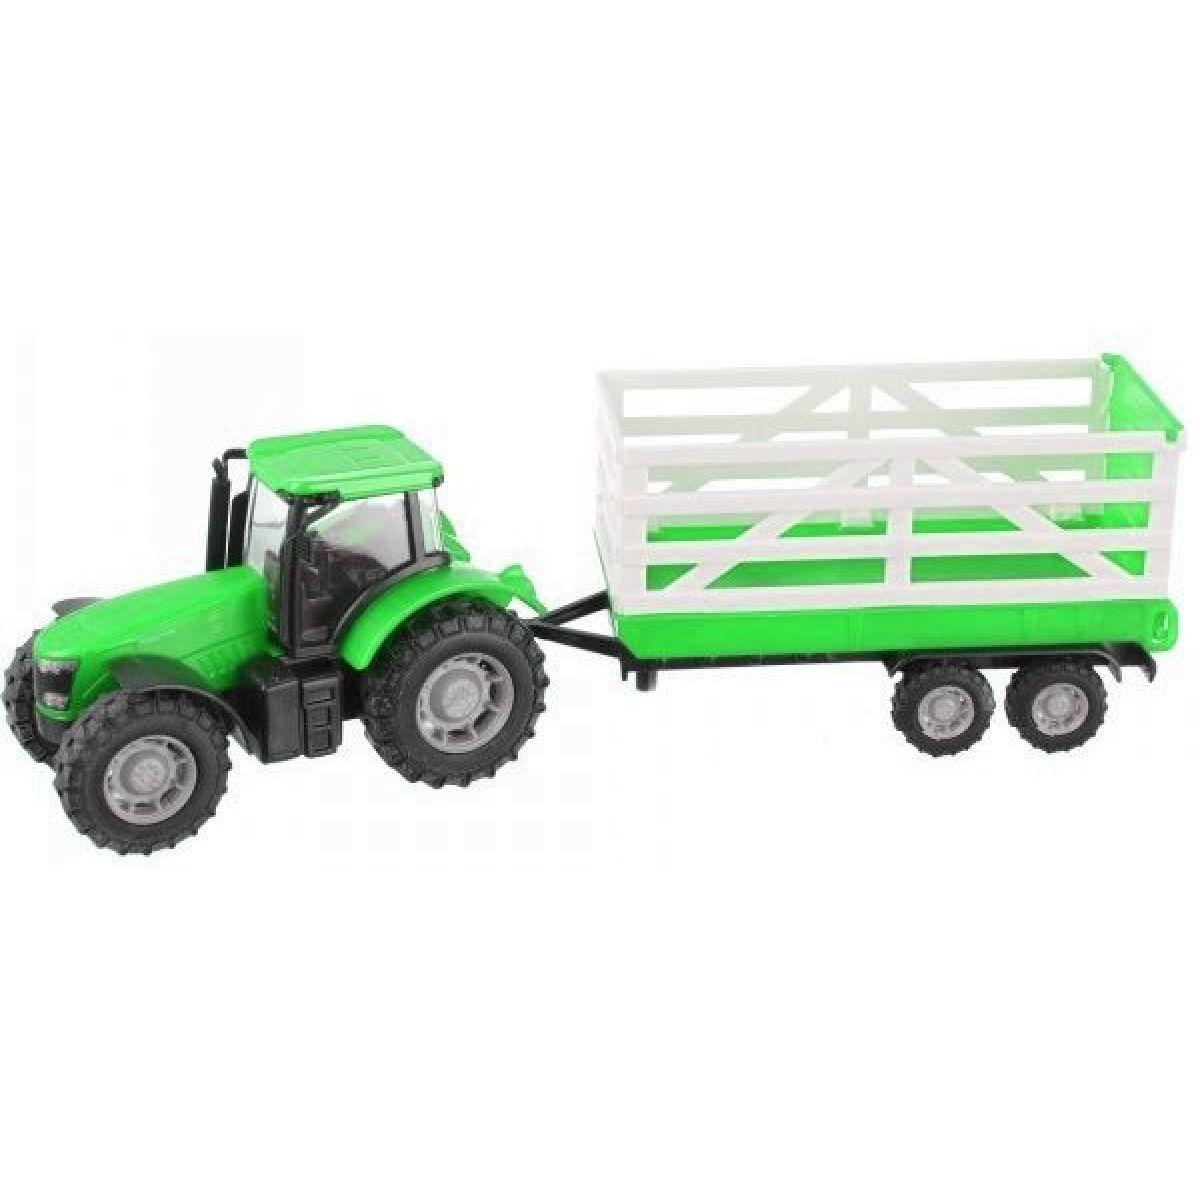 Teamsterz Traktor s valníkem - Zelený traktor s valníkem Alltoys